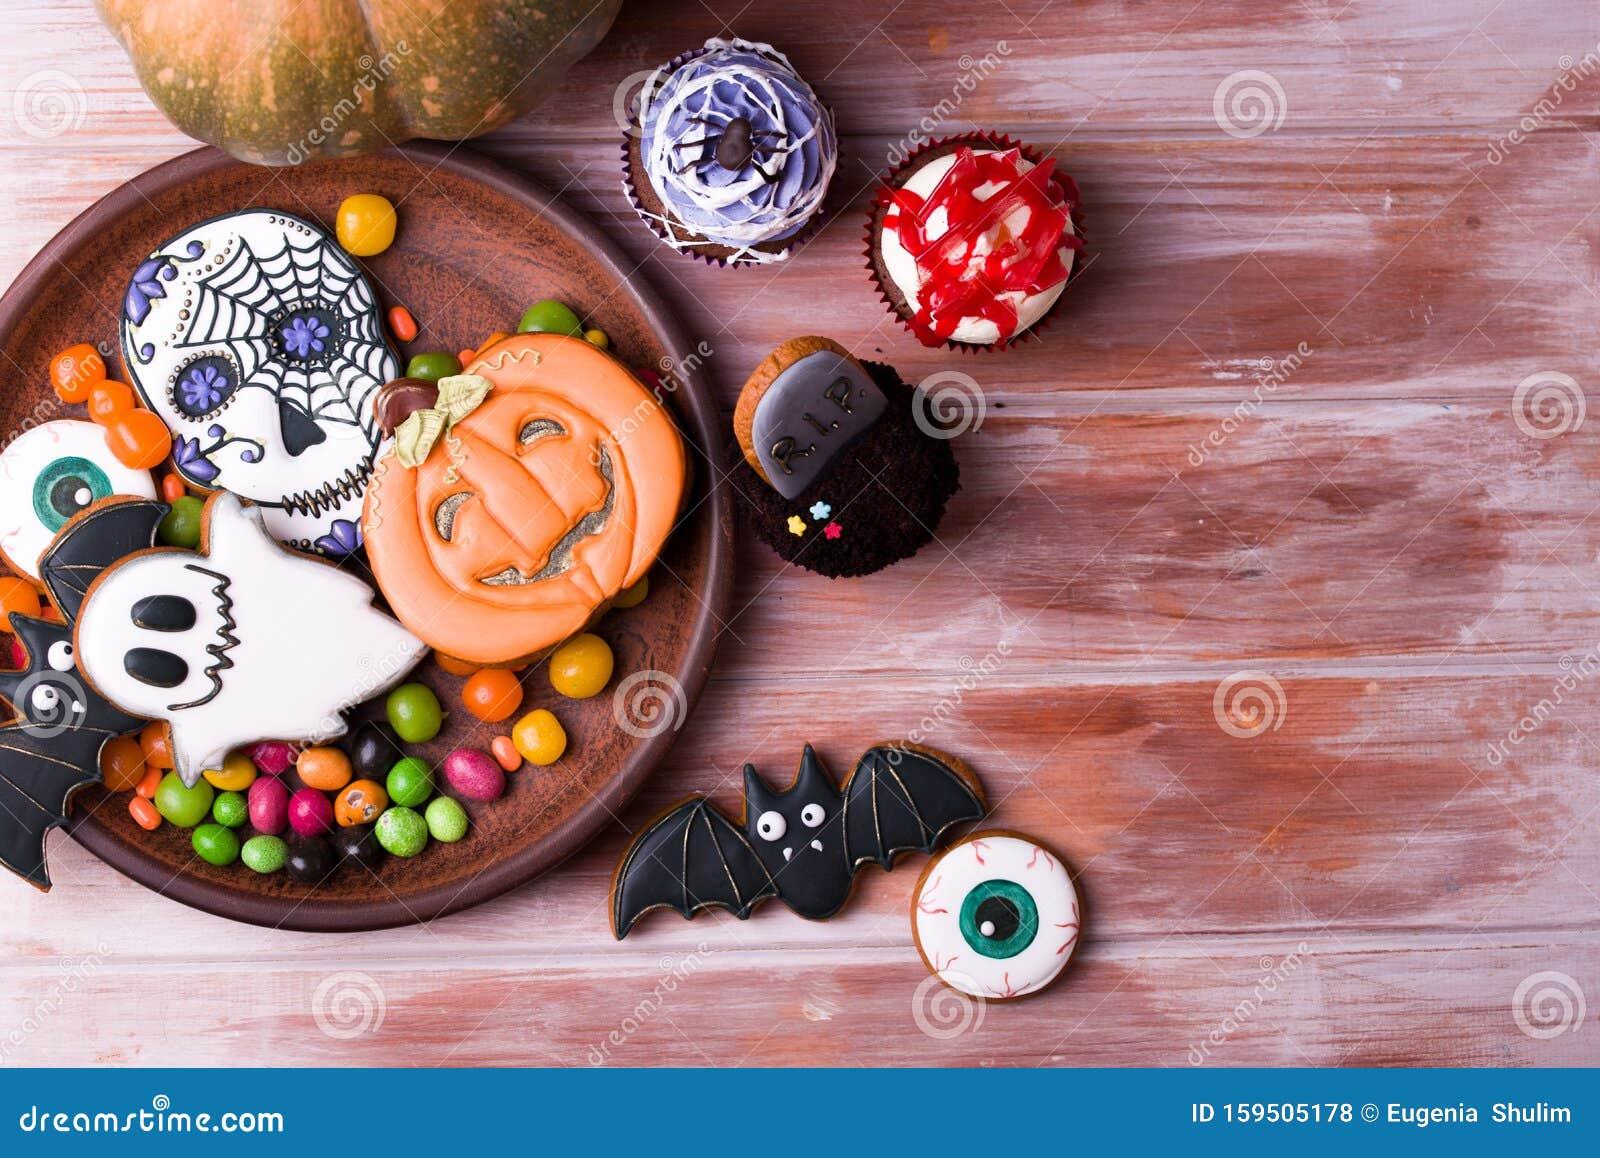 Halloween Party Content. Halloween Gingerbread Cookies On ...